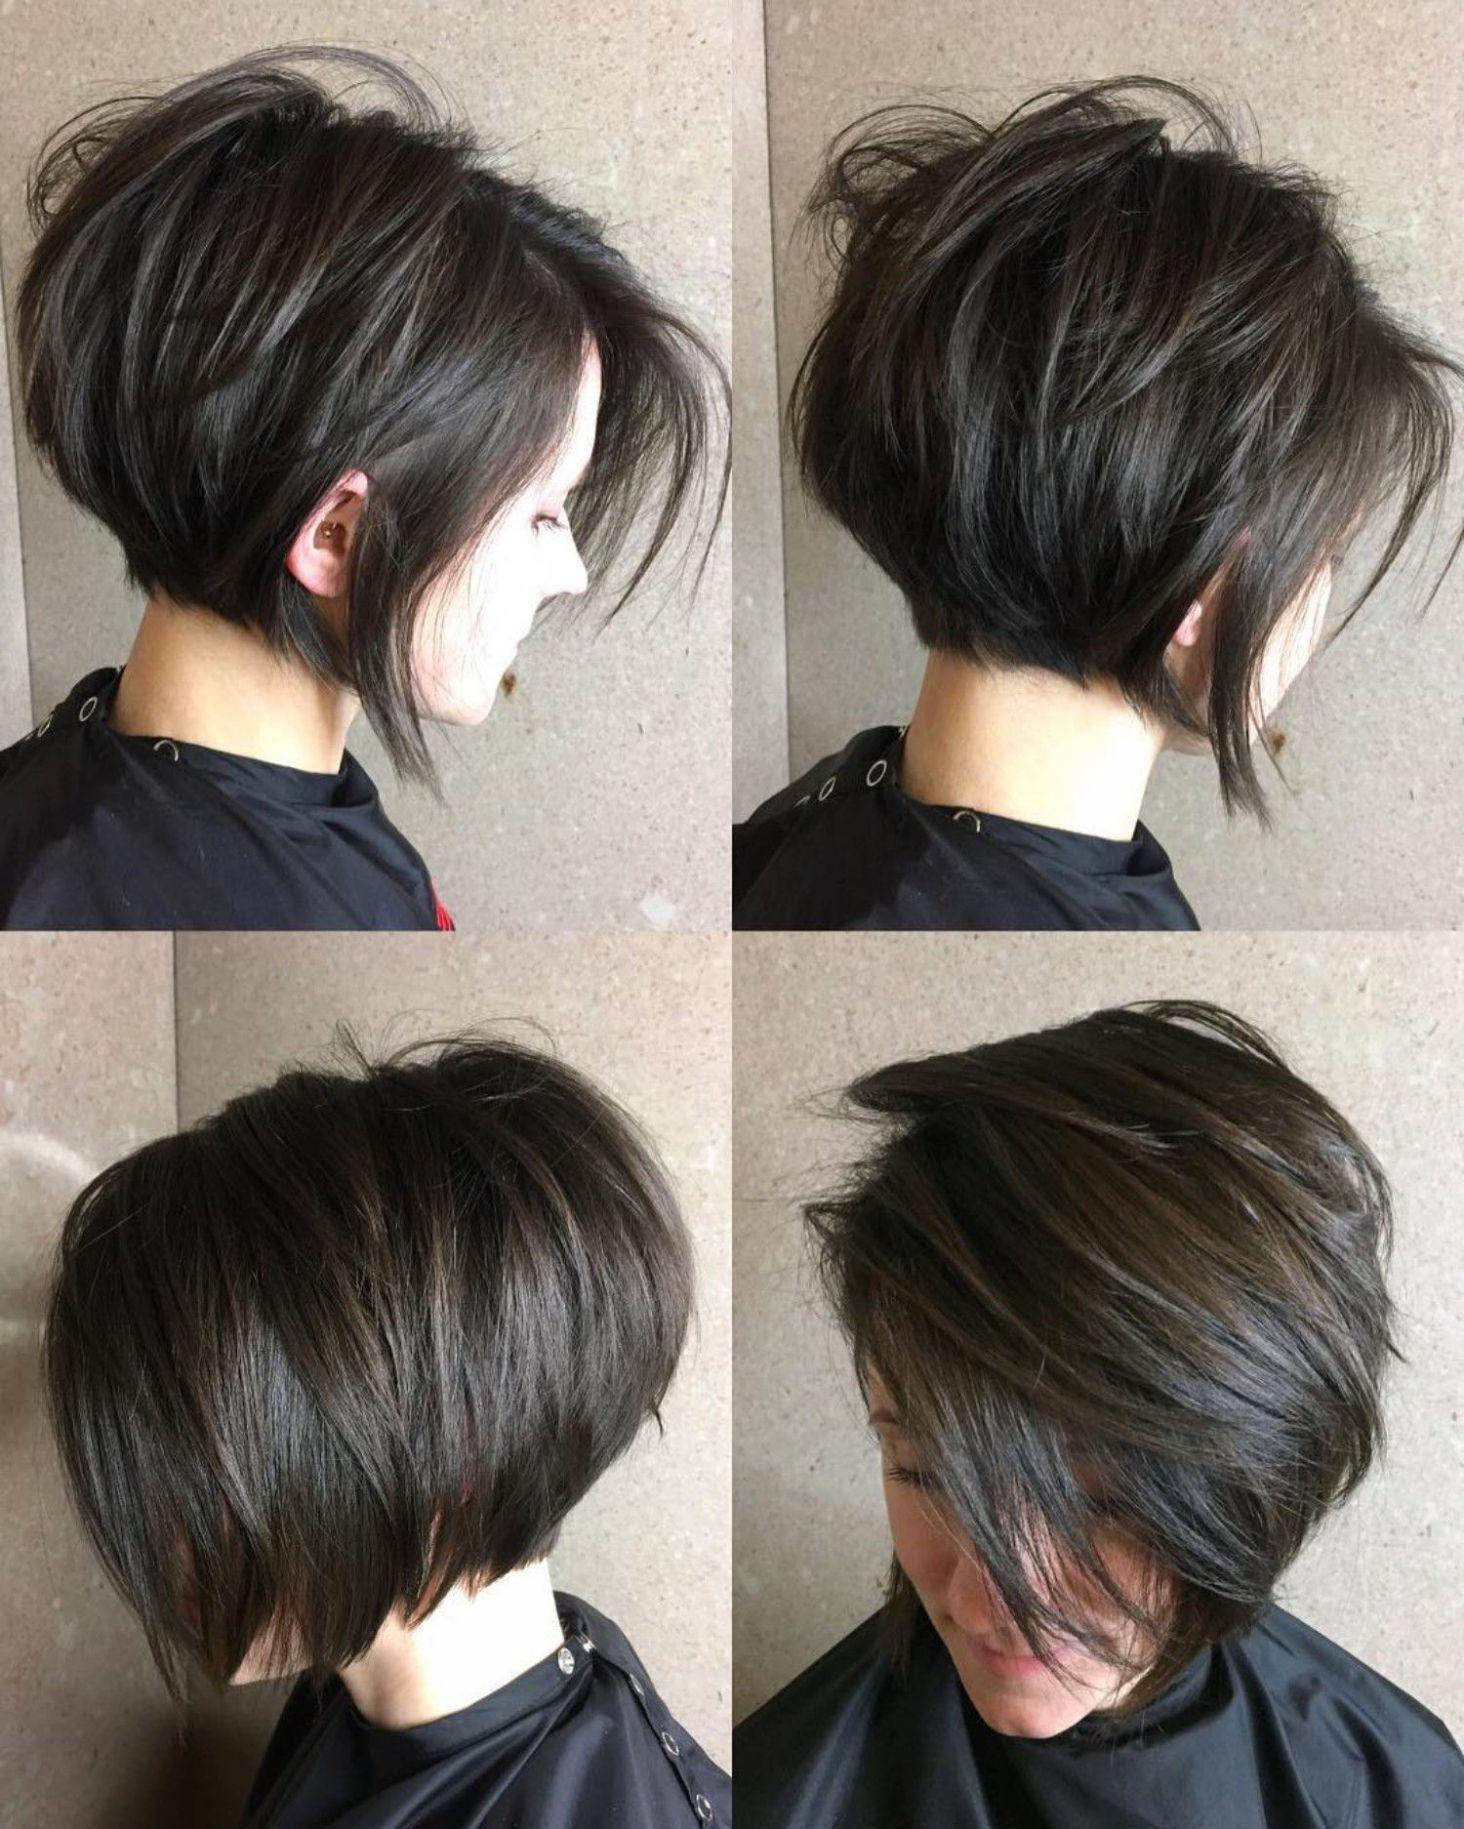 Frisuren halblang leicht zu stylen